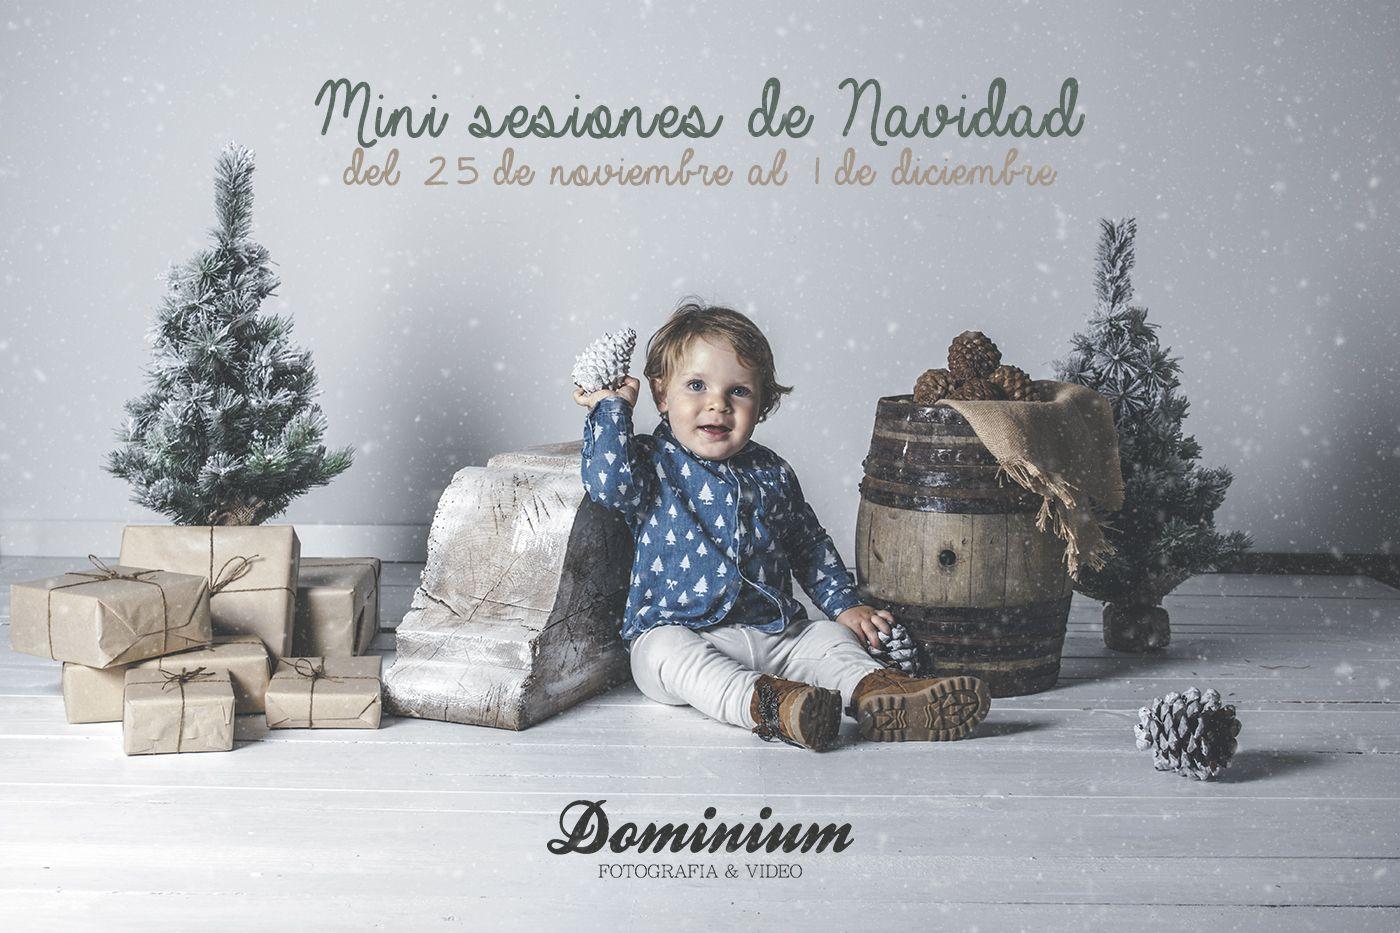 Mini sesiones de navidad en Dominium Fotografía